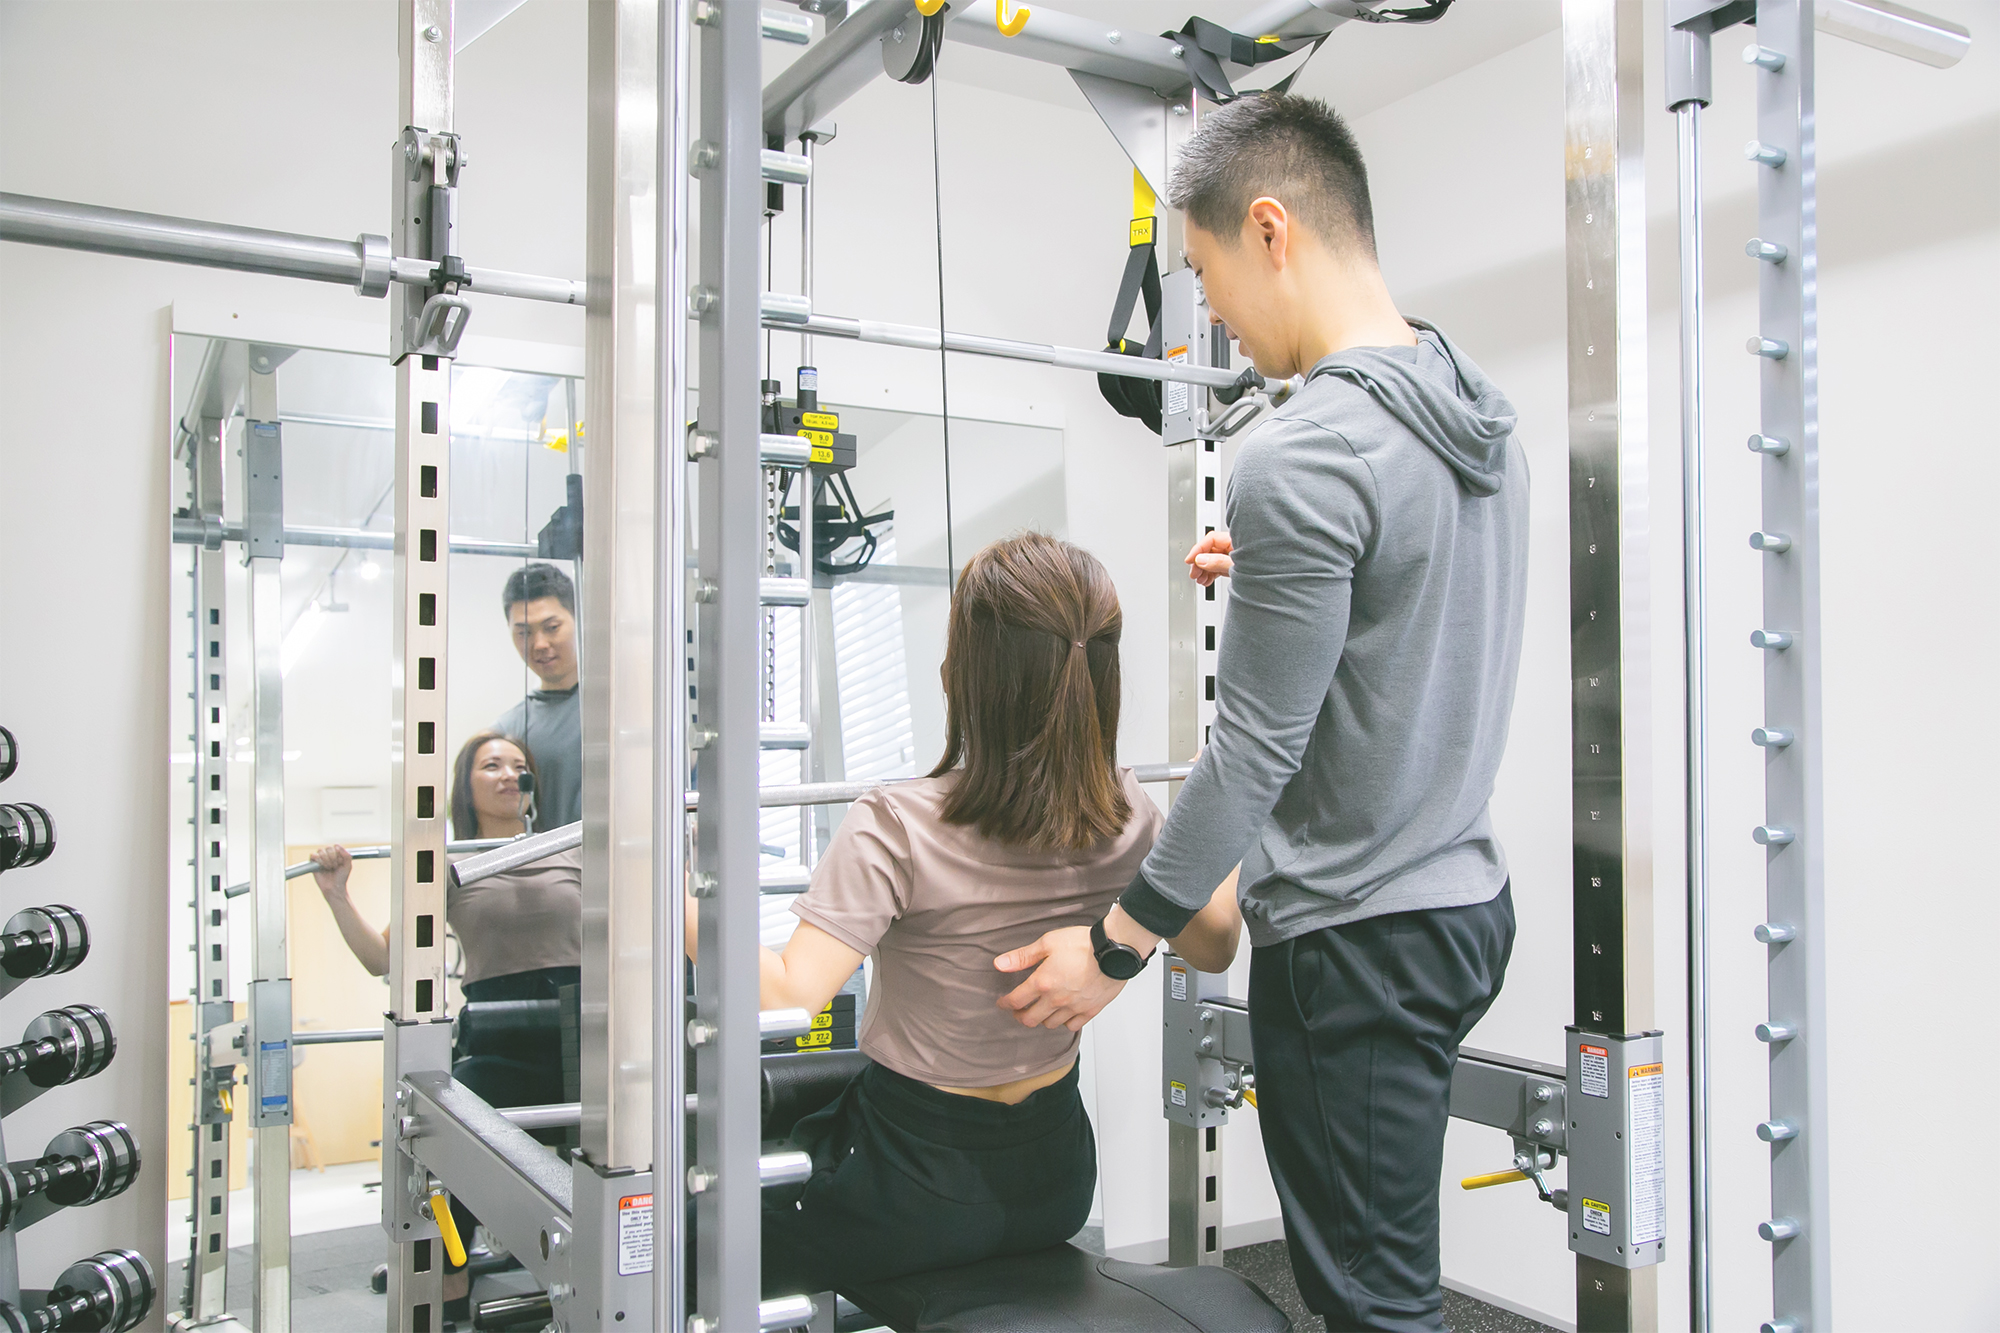 WestCoast(ウェストコースト)滋賀県本堅田パーソナルトレーニングジム